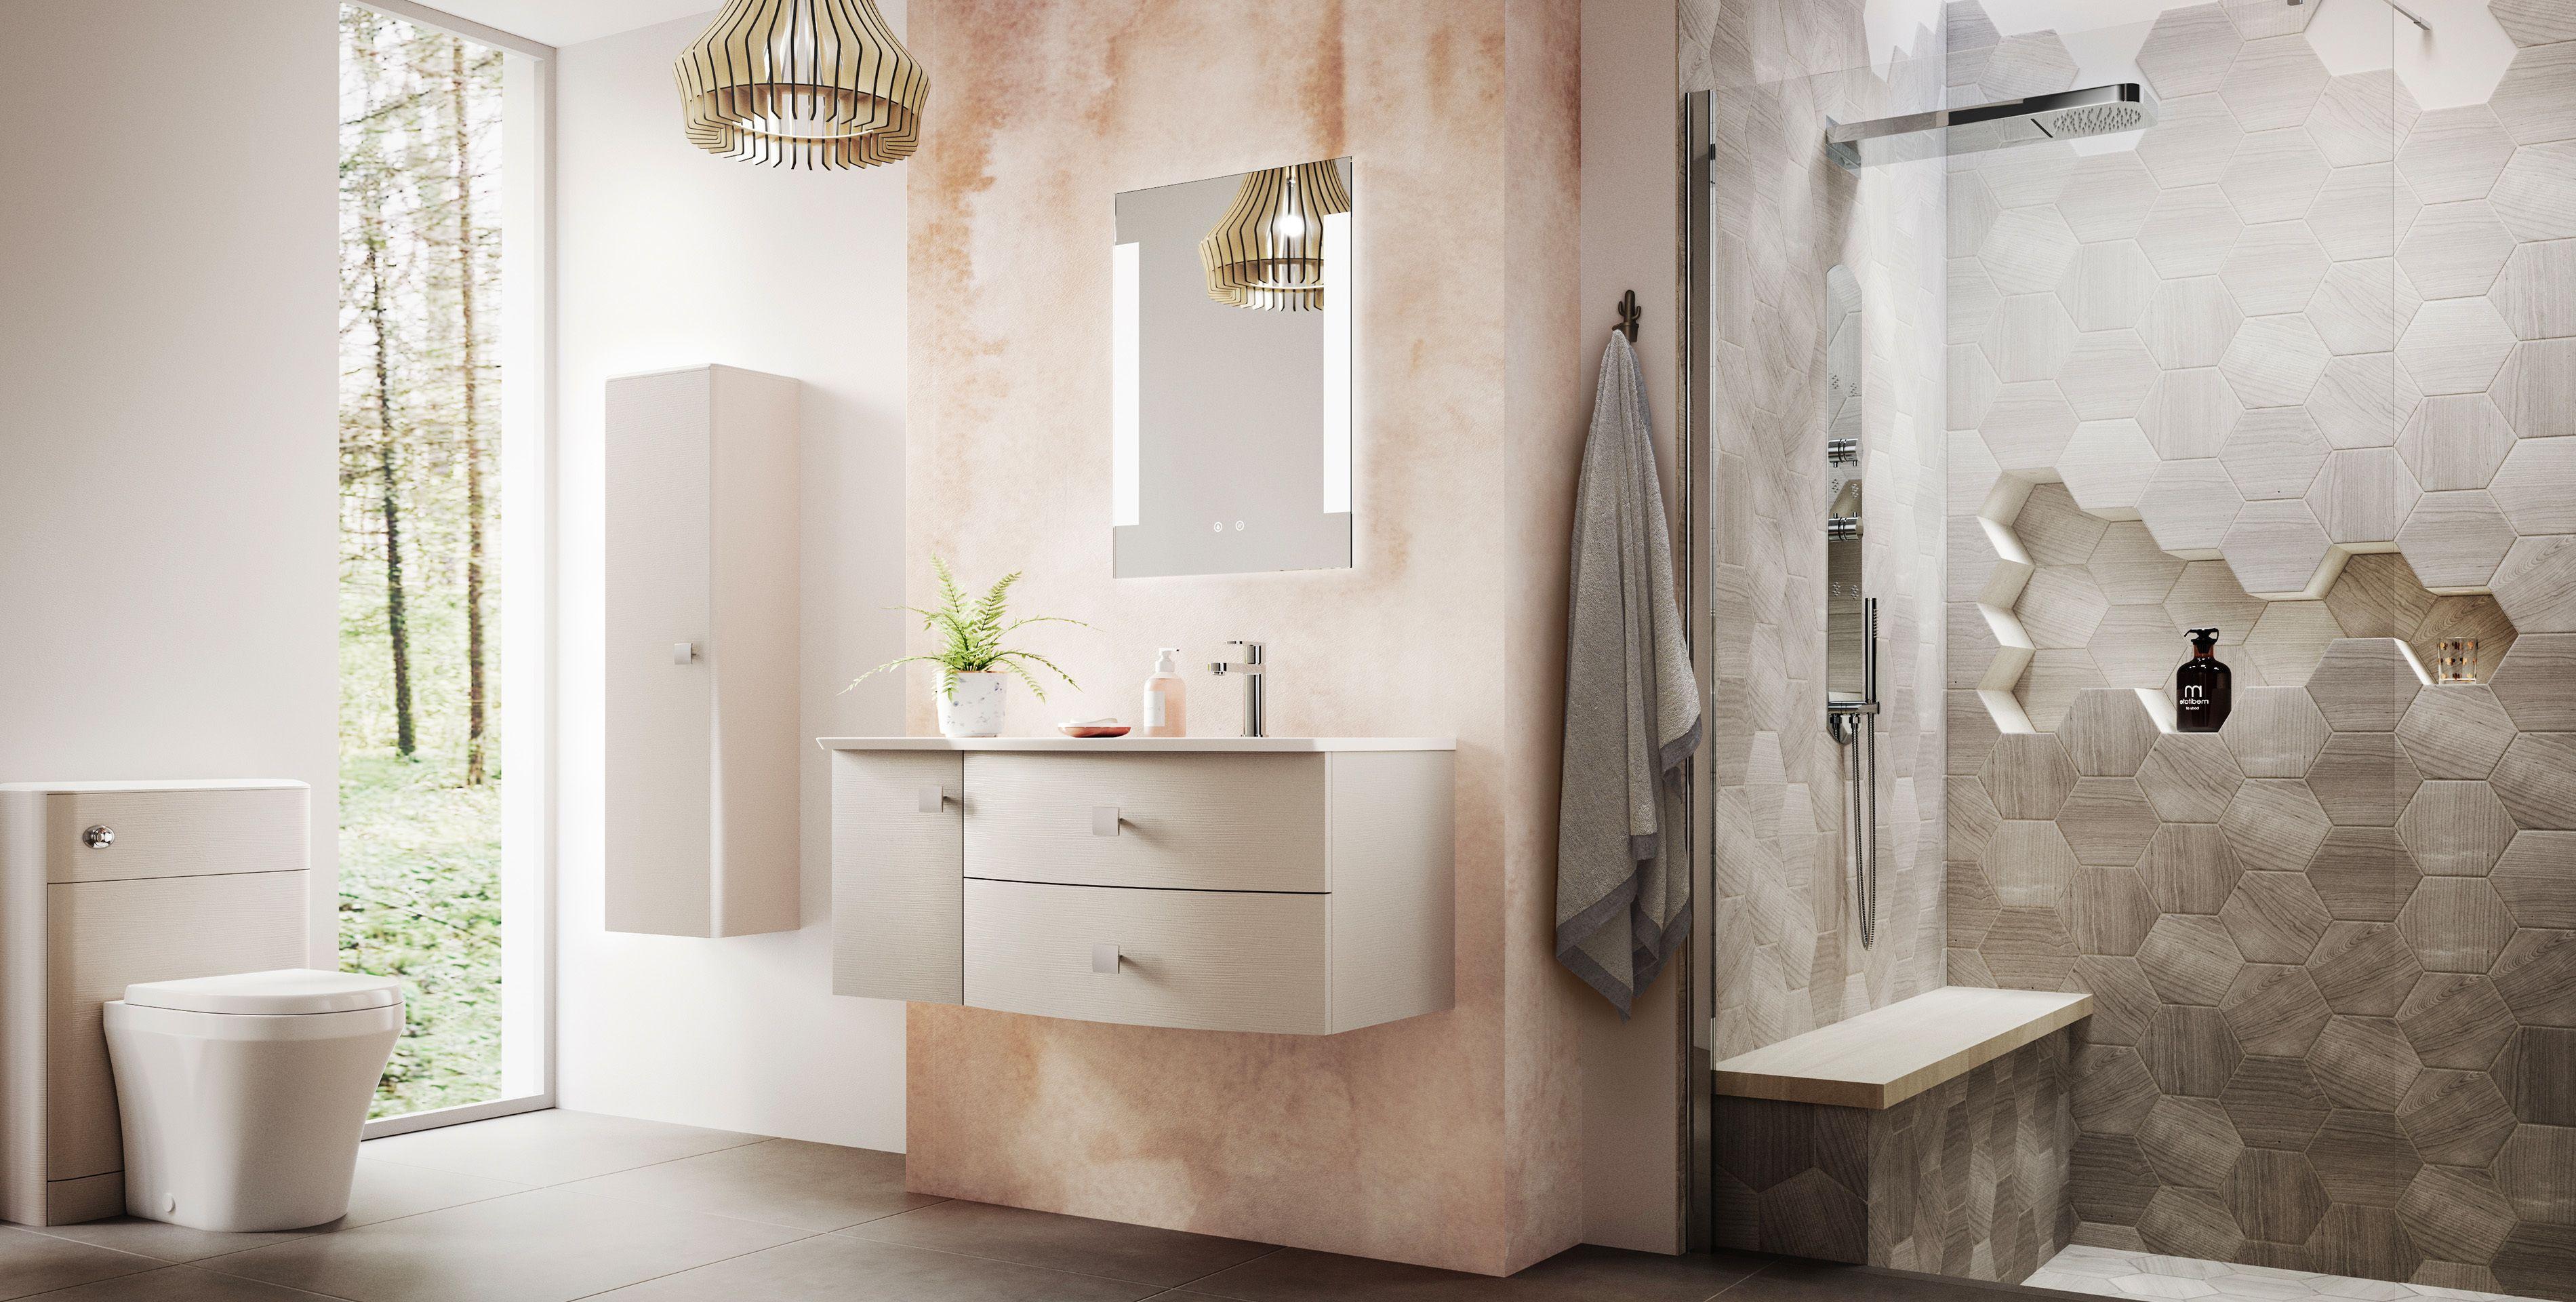 Badezimmermöbel türkis ~ Badezimmermöbel fühlen sie sich wohl in ihrem wellness lounge